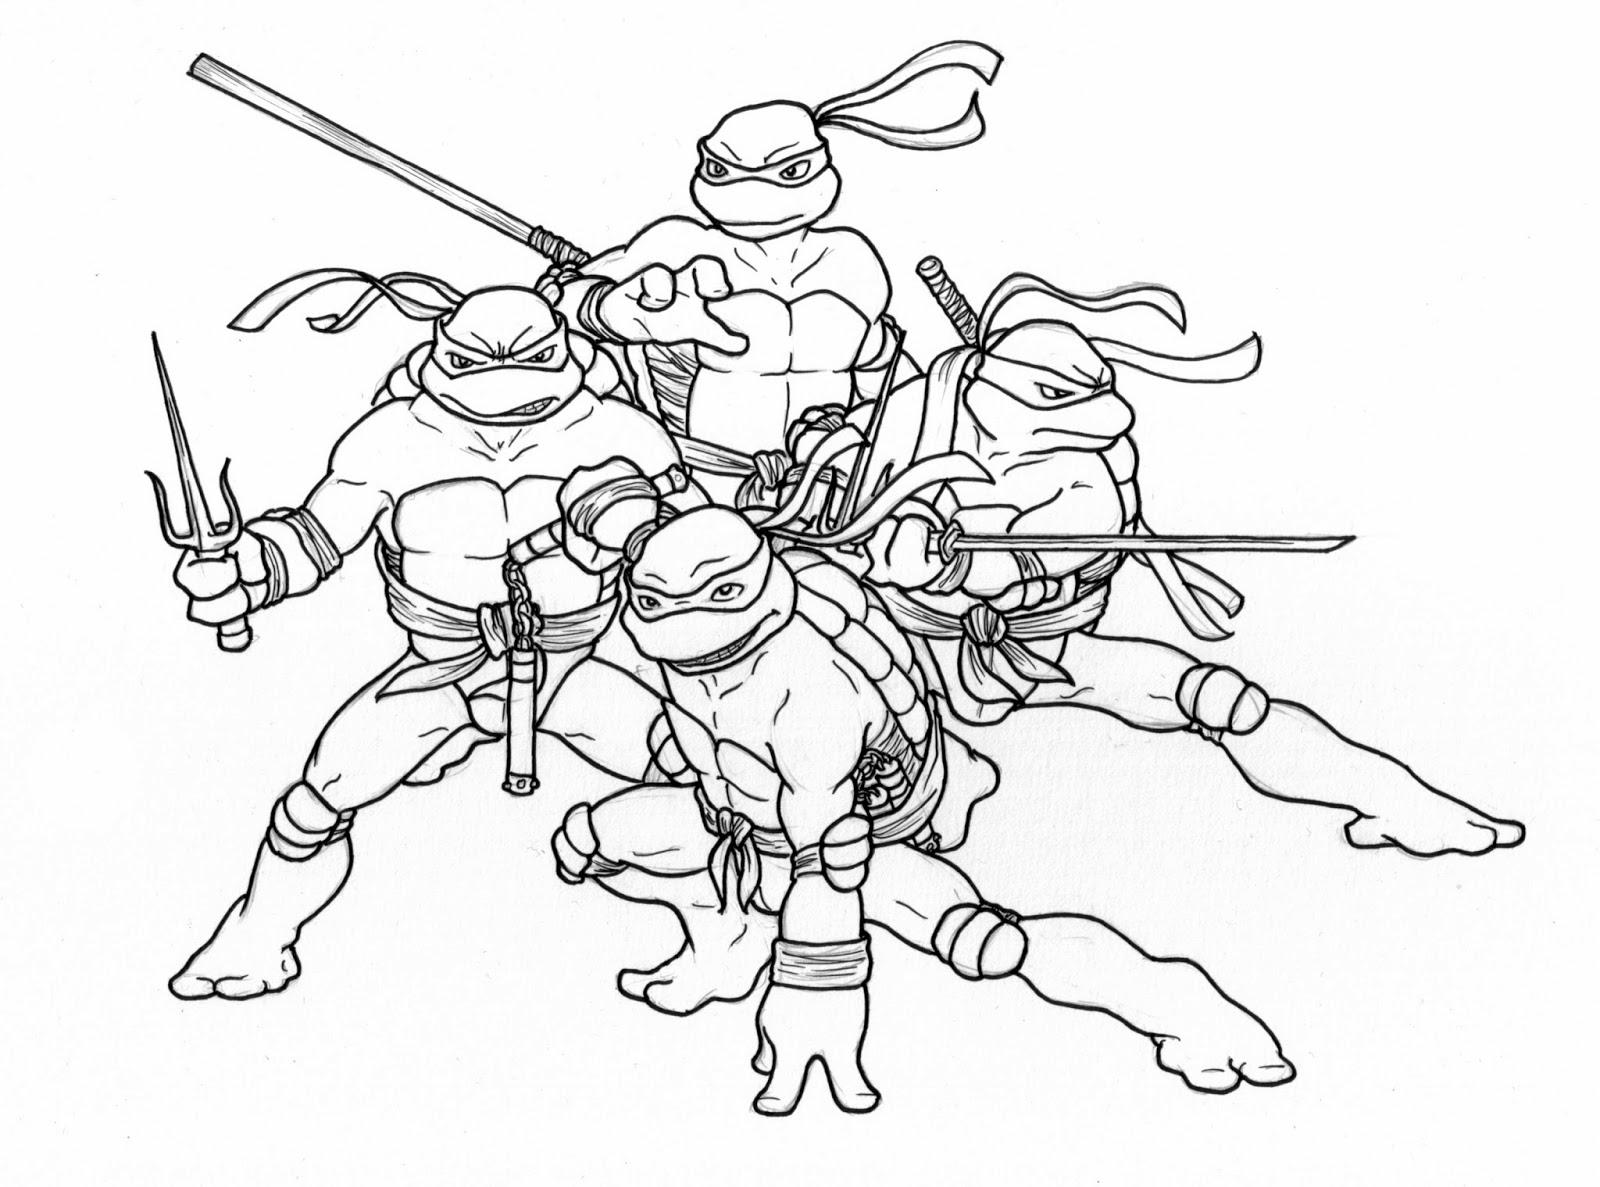 ninja turtles pictures craftoholic teenage mutant ninja turtles coloring pages turtles pictures ninja